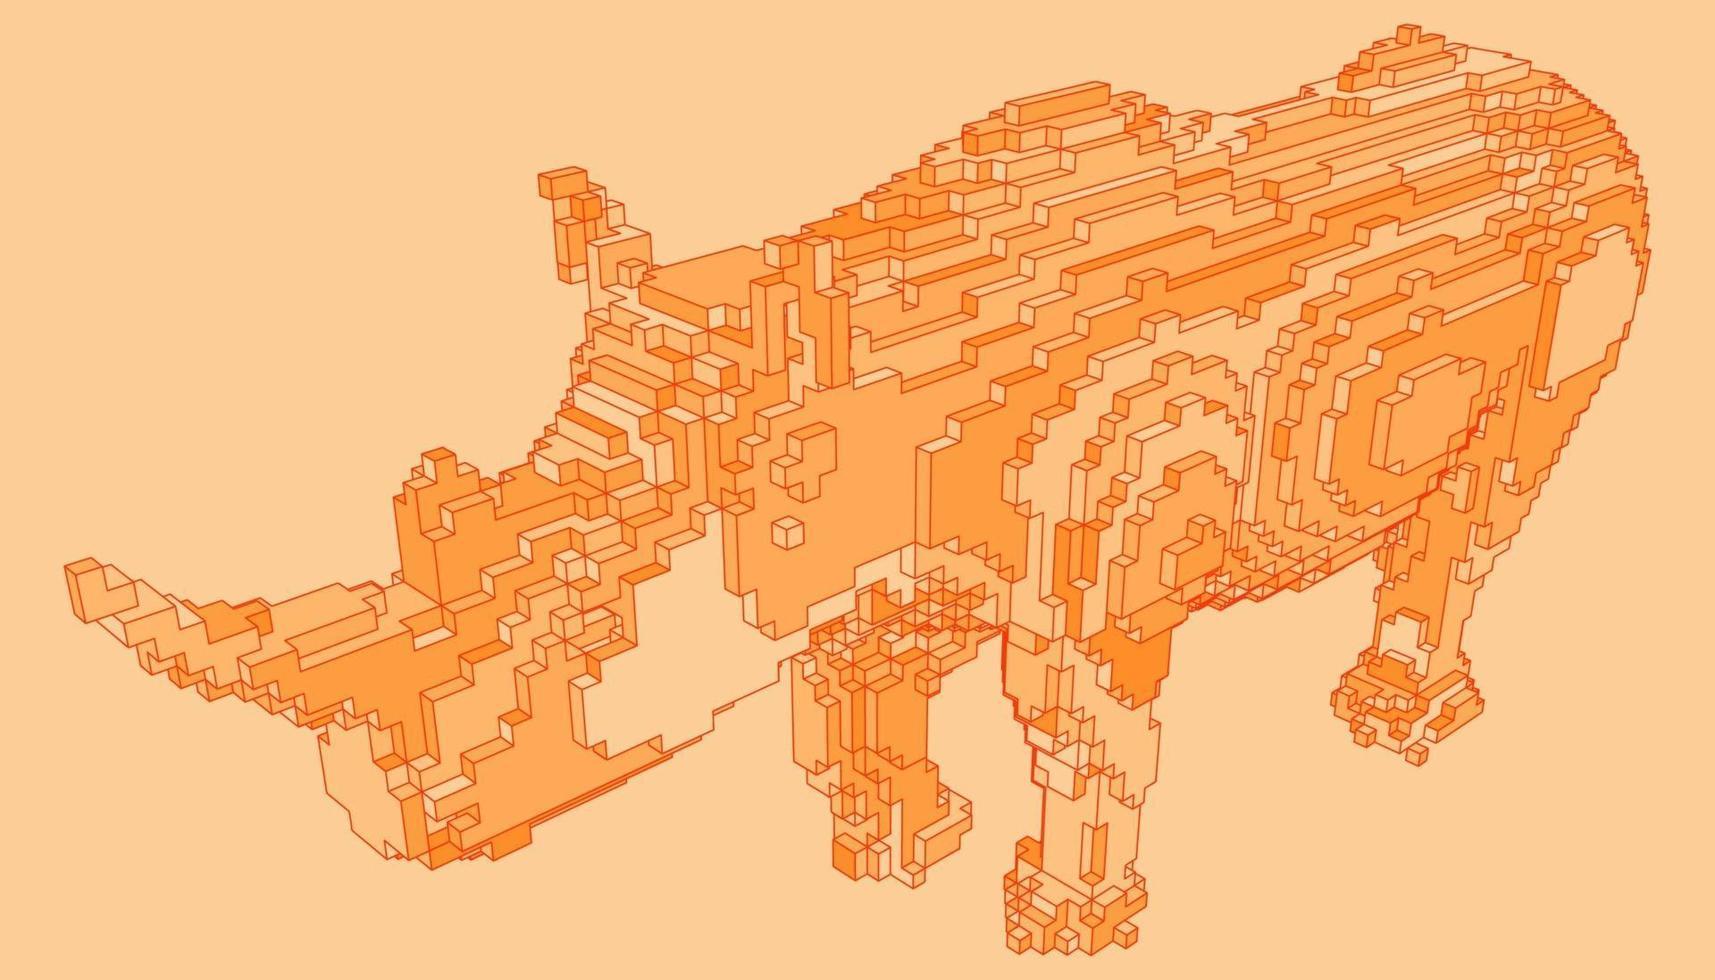 progettazione voxel di un rinoceronte vettore